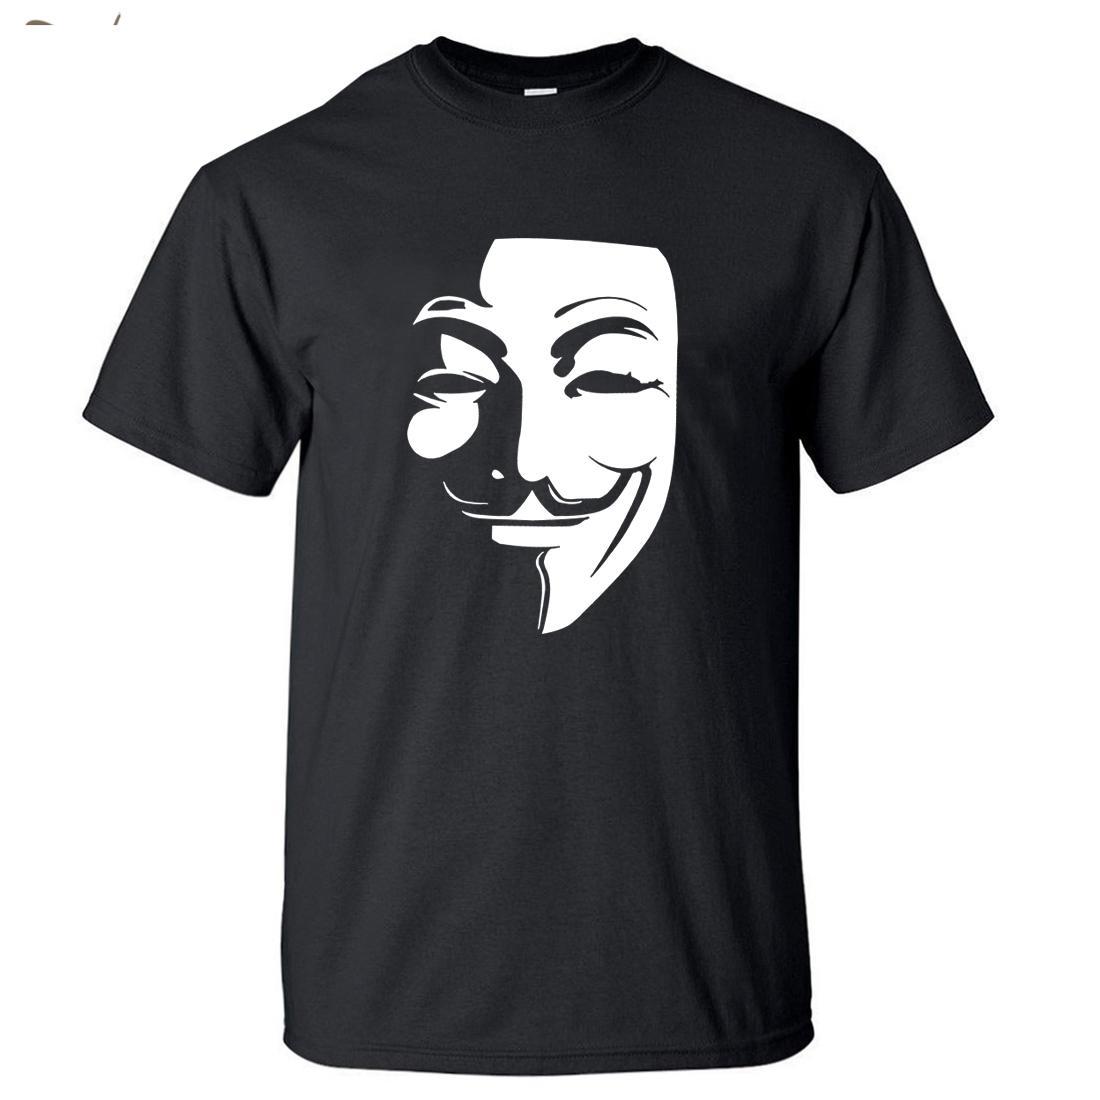 Горячие продажи V Для Vendetta T Shirt Men 2018 персонализированный Hipster Фильм Tshirt Mens круглый воротник O-образным вырезом с коротким рукавом футболки S-5xl